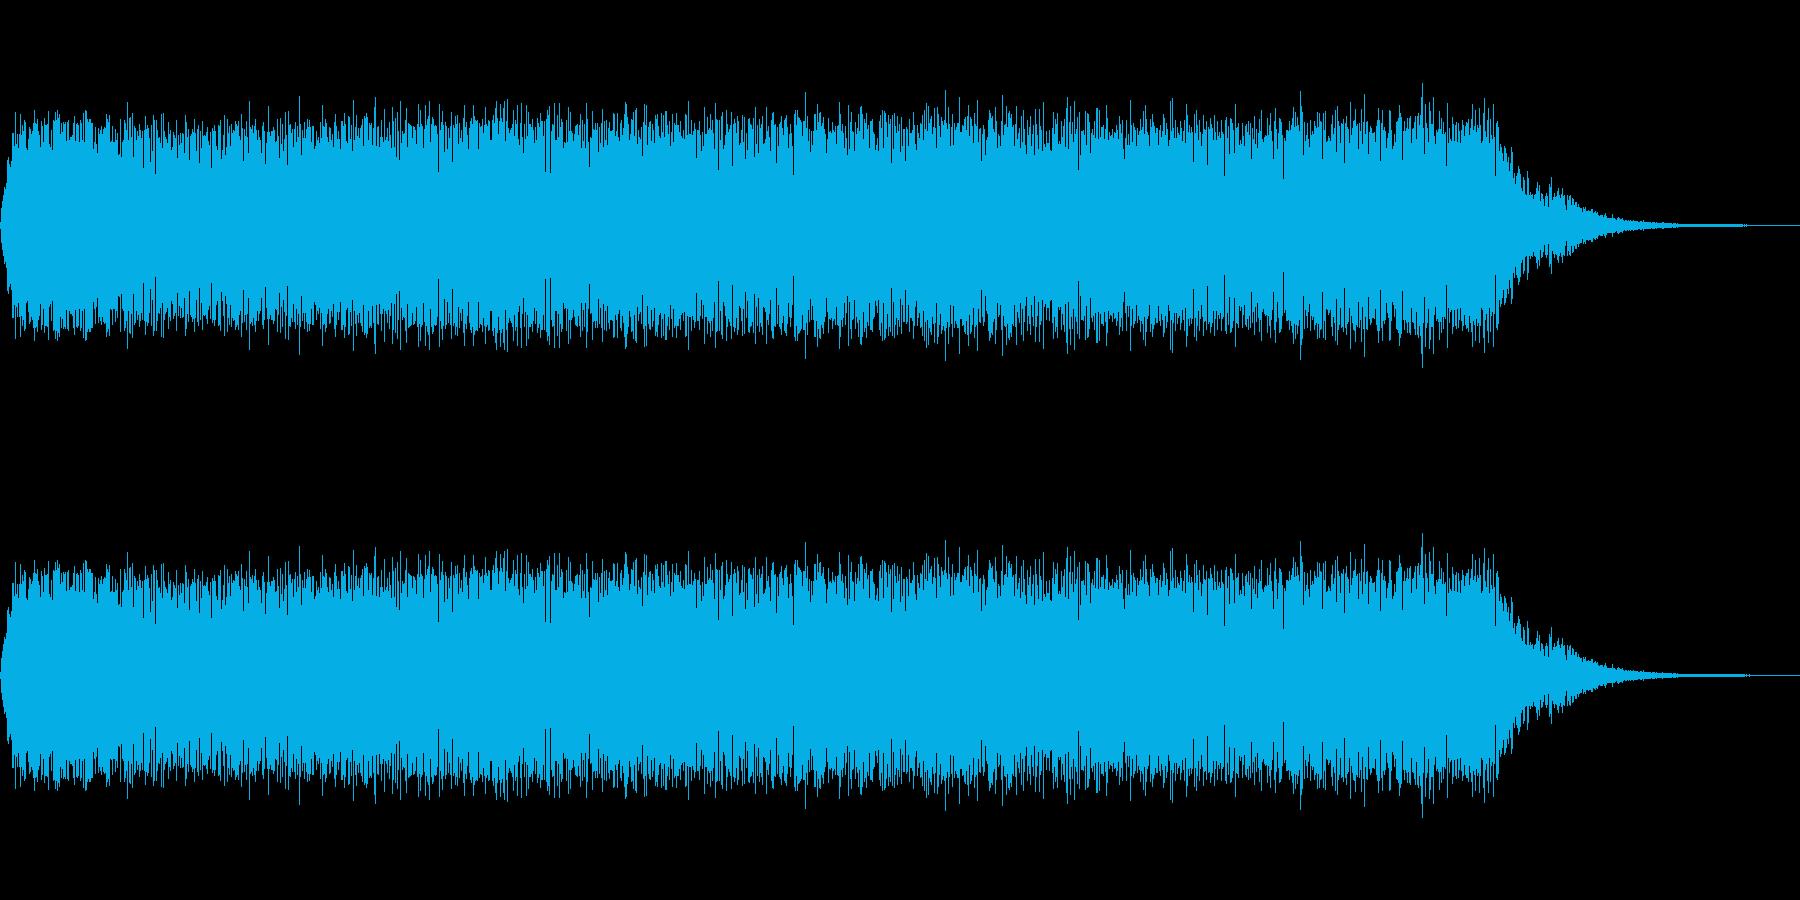 ビーム発射音「ビーッ!」の再生済みの波形